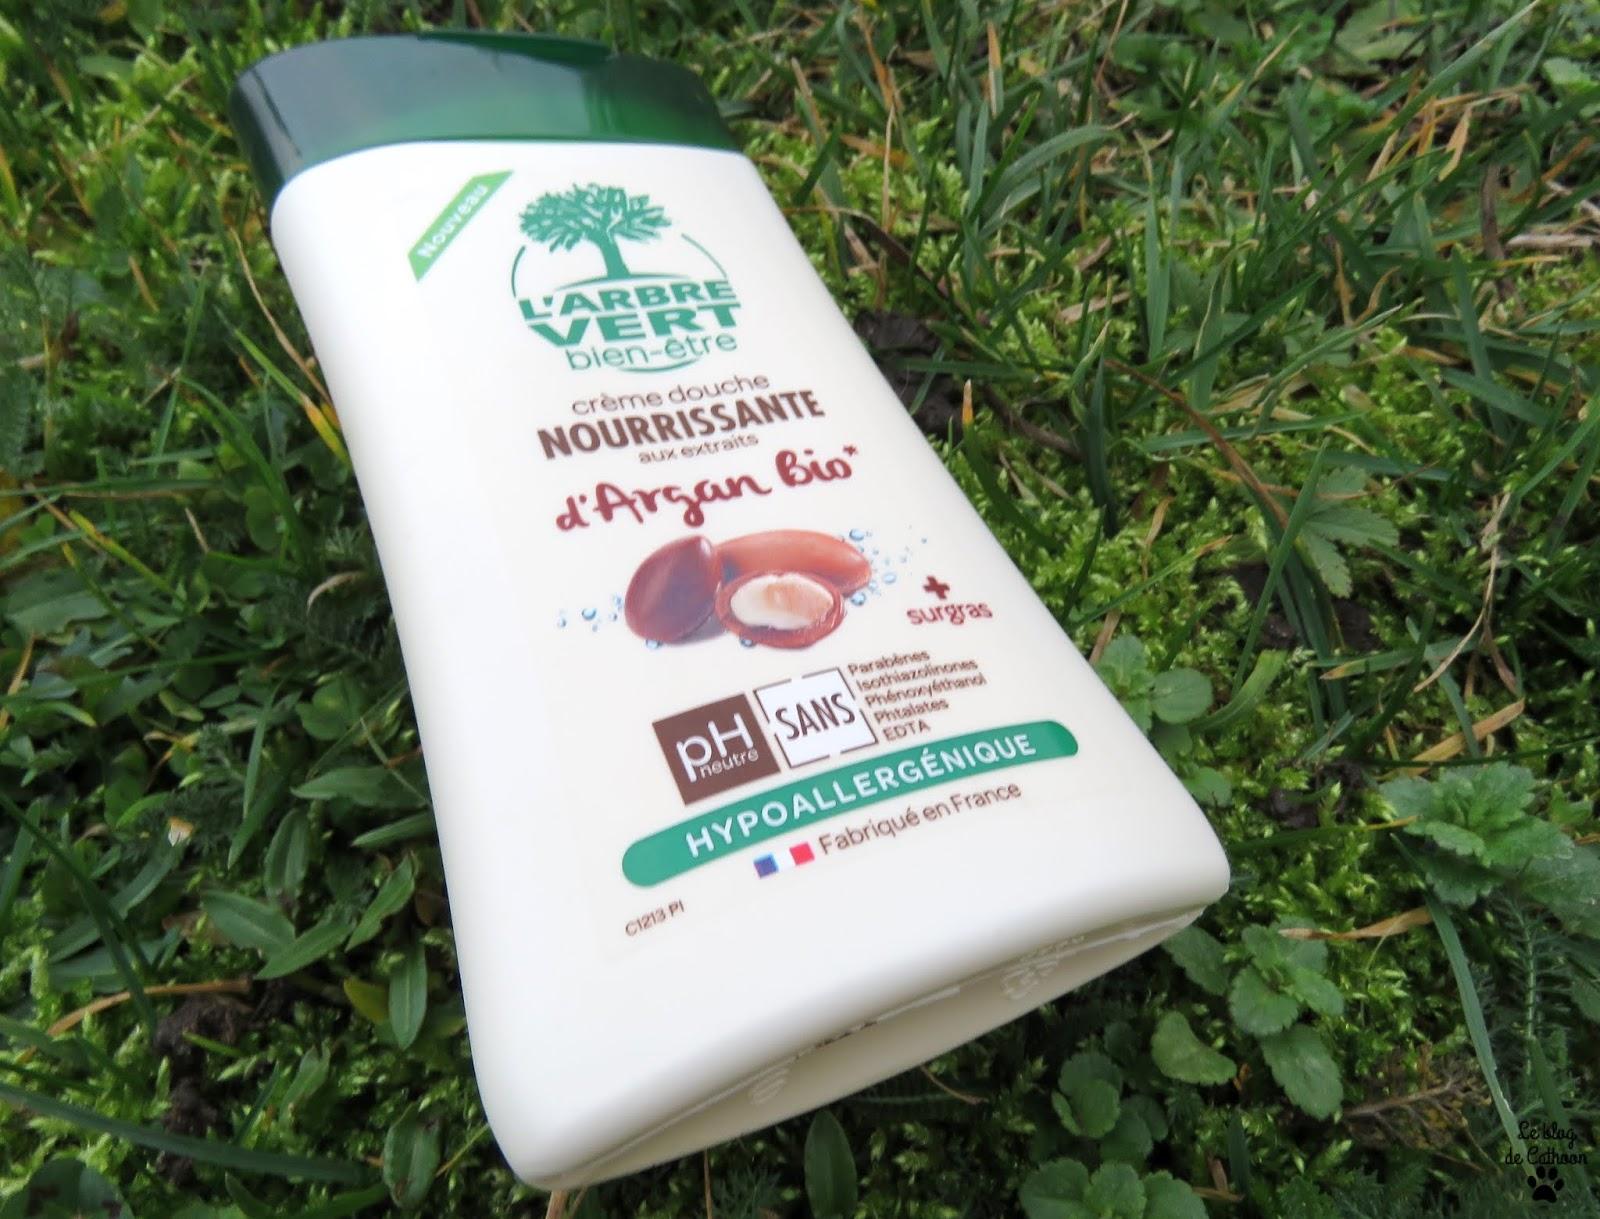 Crème Douche Nourrissante aux Extraits d'Argan Bio - L'Arbre Vert bien être